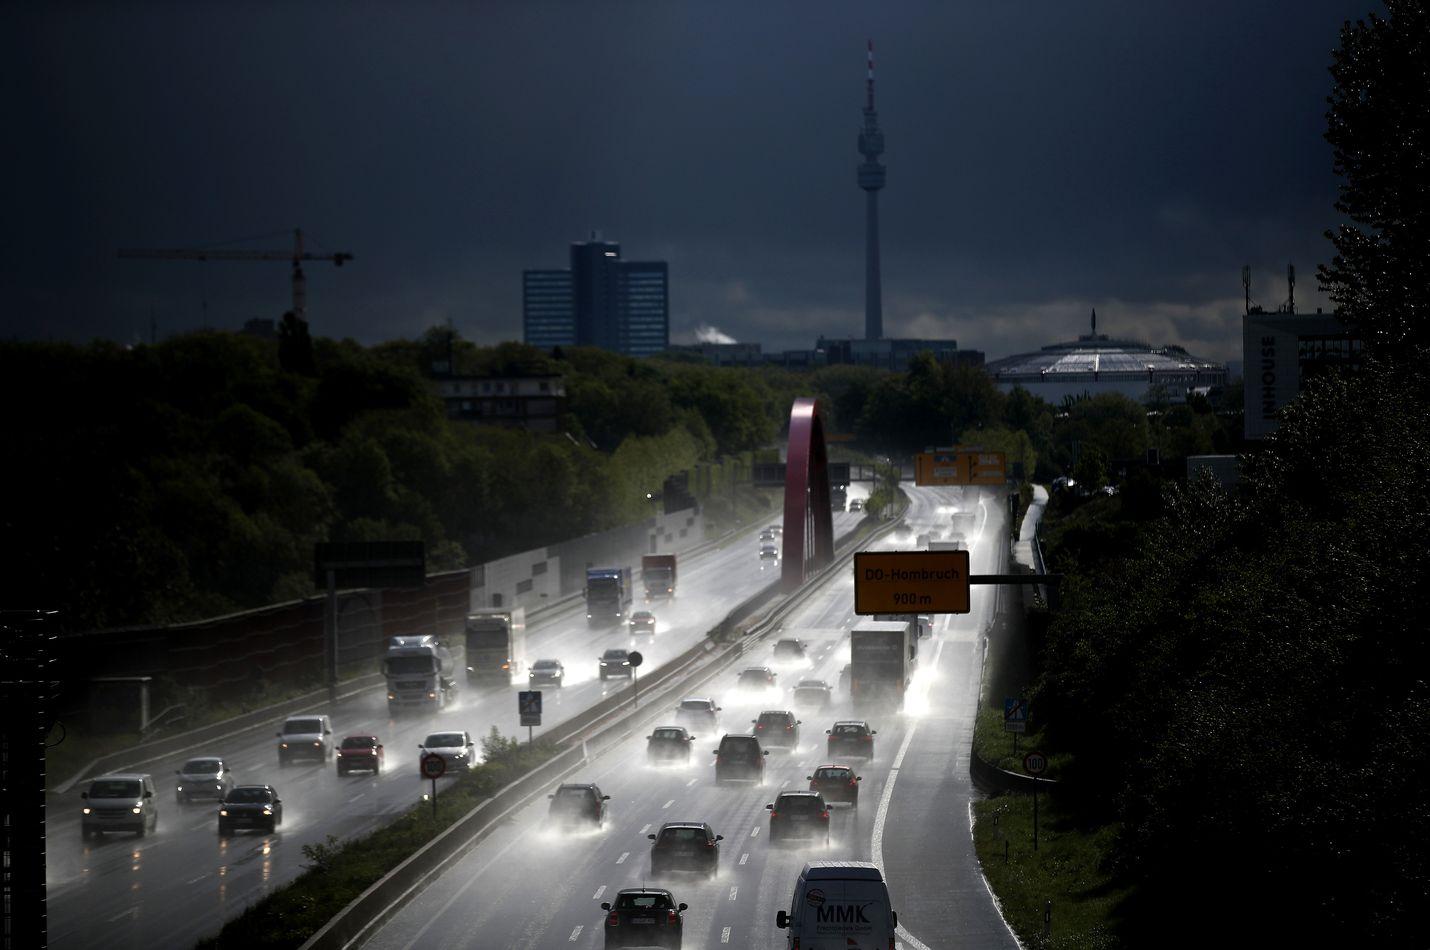 Dieselin suosio laskee, ja syynä ovat etenkin Keski-Euroopan ruuhkapäästöt. Tekniikka kuitenkin sinnittelee vielä pitkään etenkin suurten autojen voimavaihtoehtona.